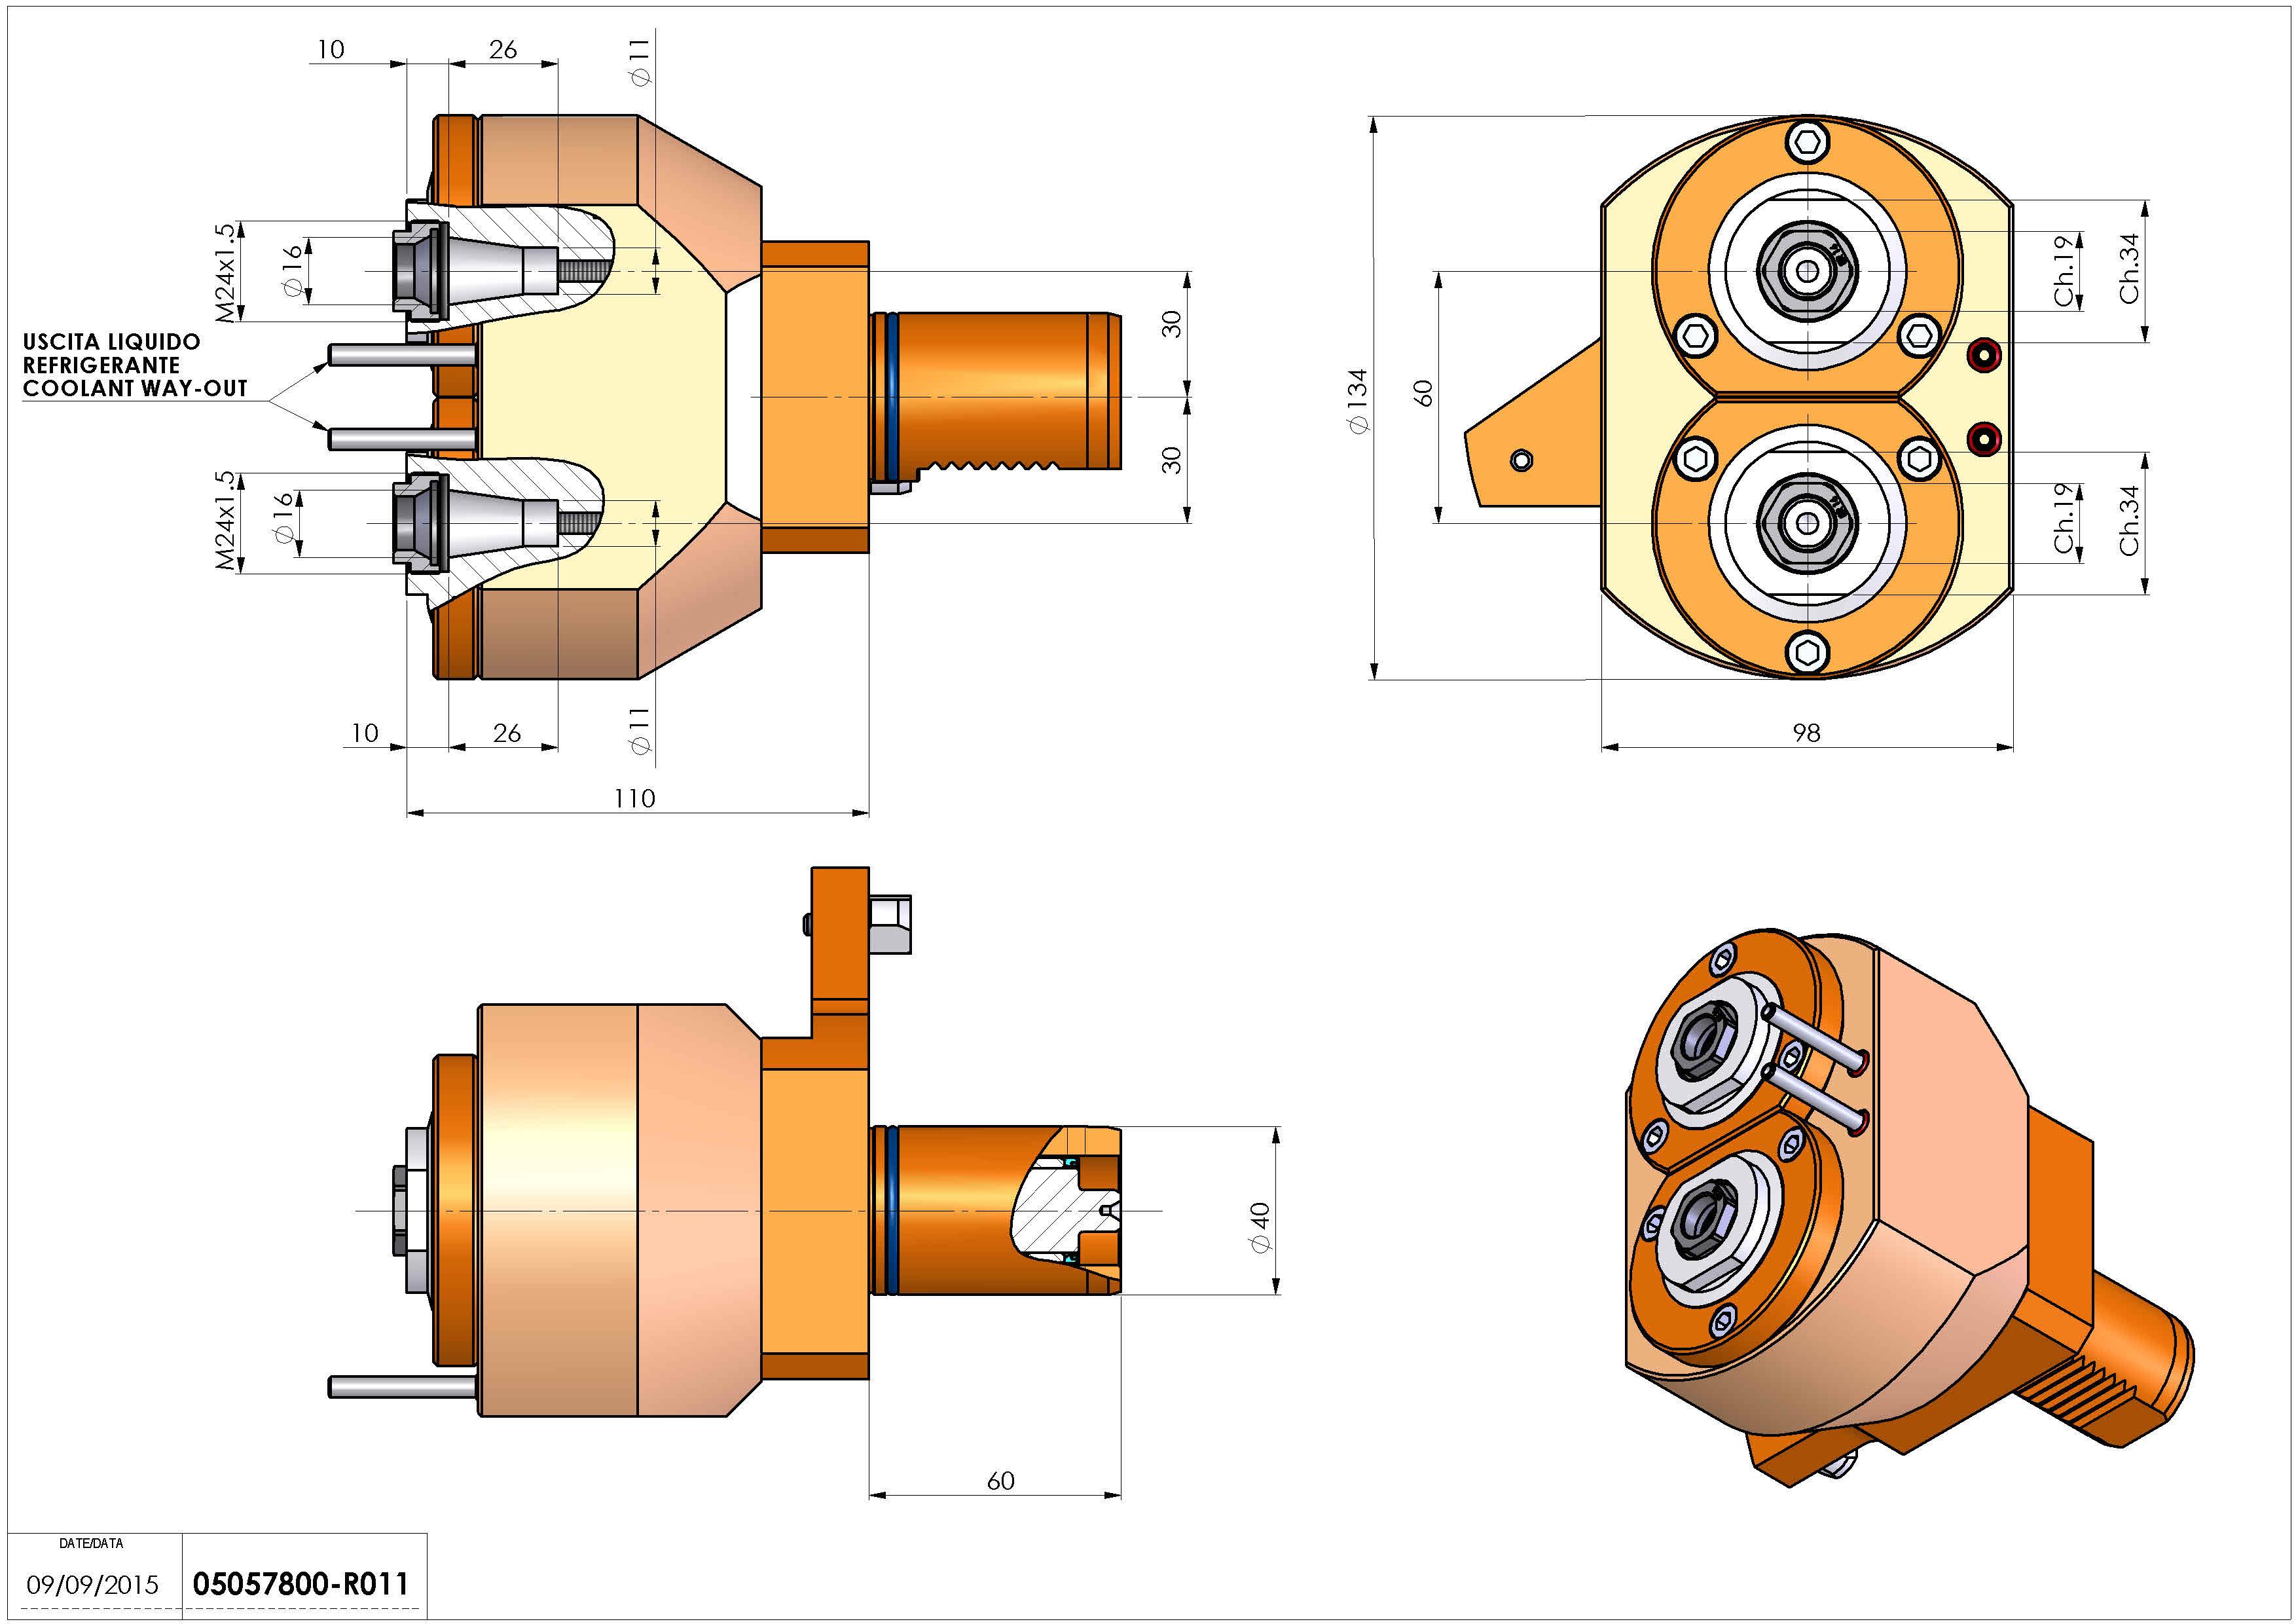 Technical image - LT-S2 VDI40 ER16F-16F H110 MZ.